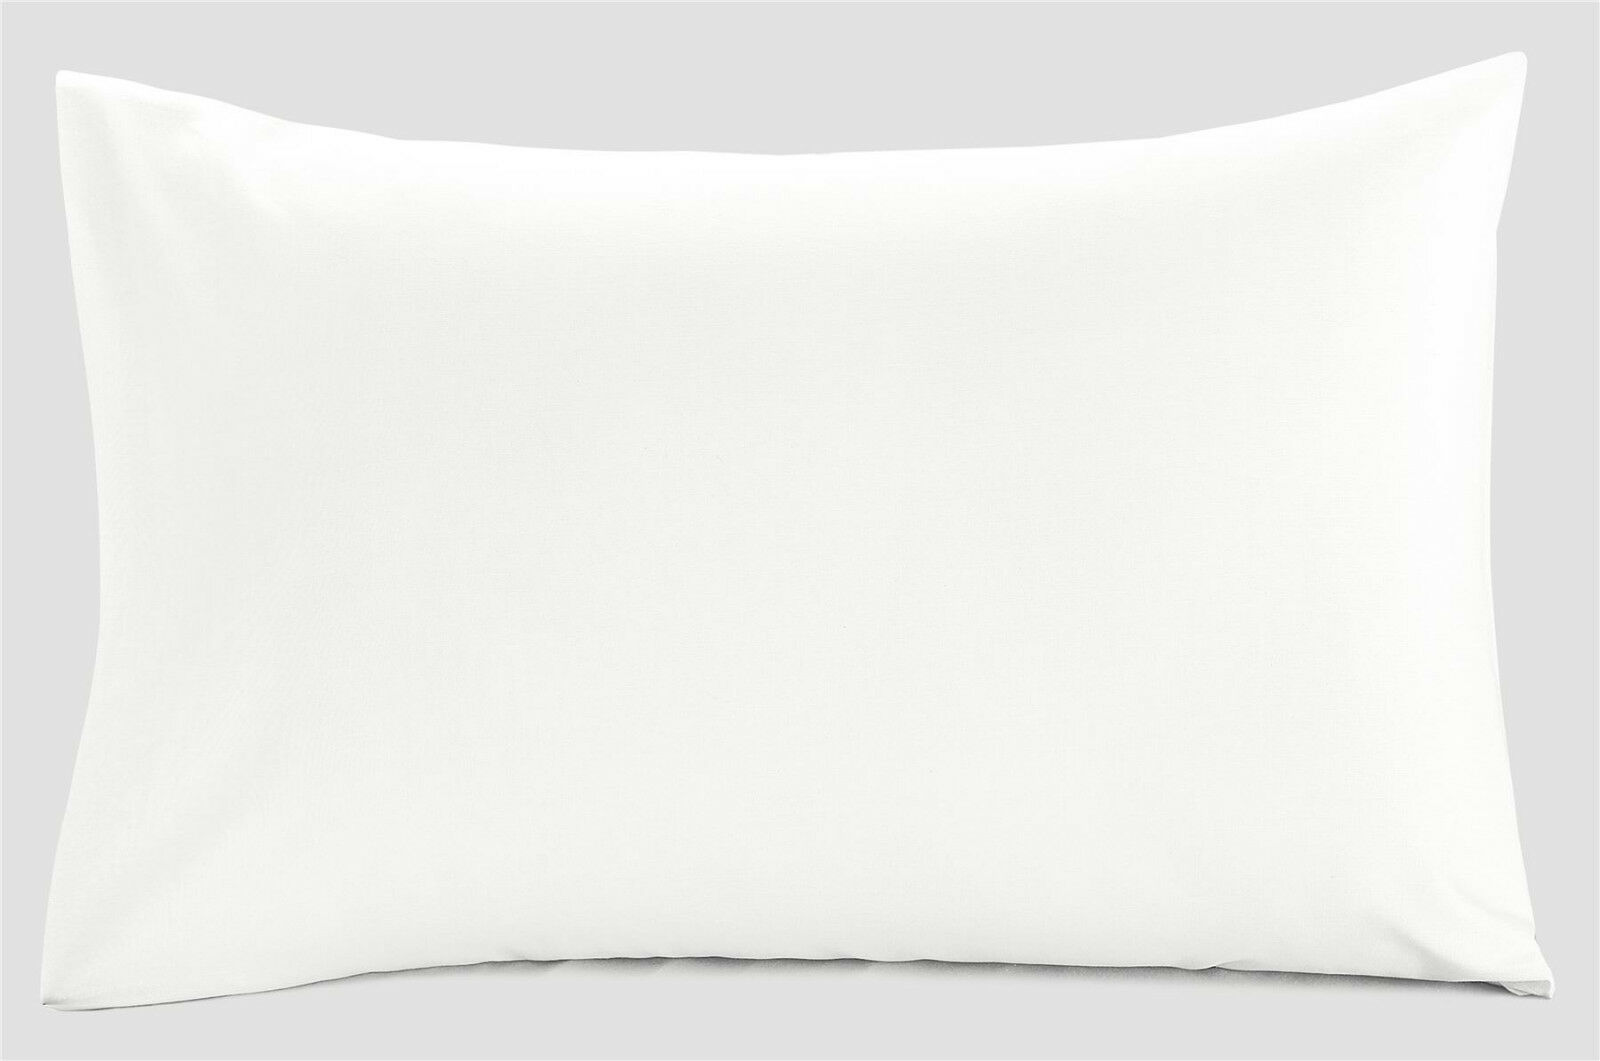 COTONE Egiziano IMPERATORE 400Tc di dimensioni federe per cuscini  20  x 42  cuscini bianca COPPIA Set di 2 c3c105